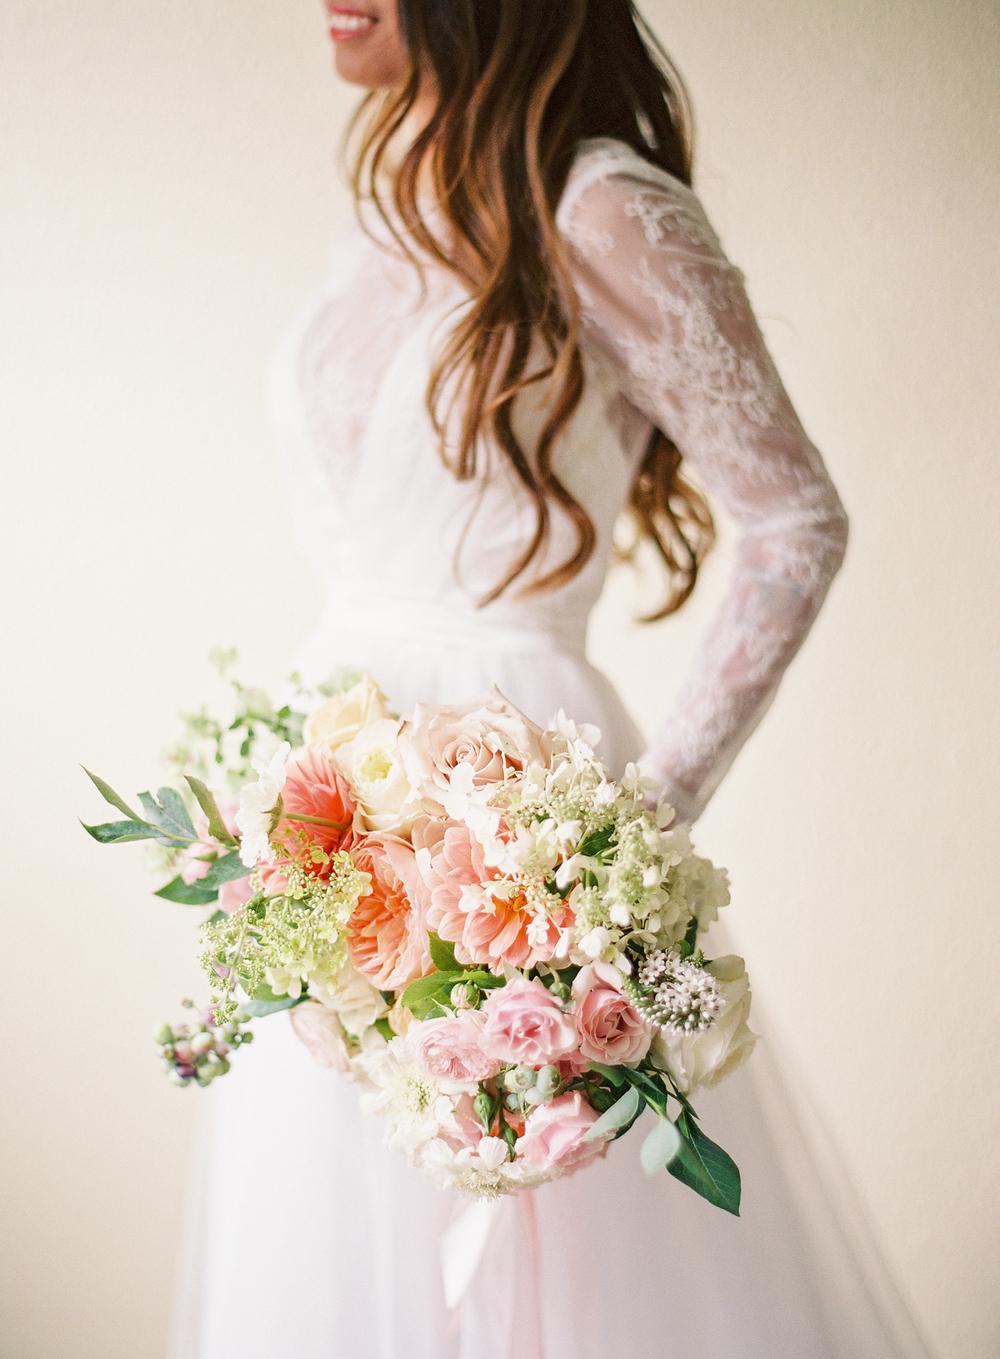 Vintageweddingdress